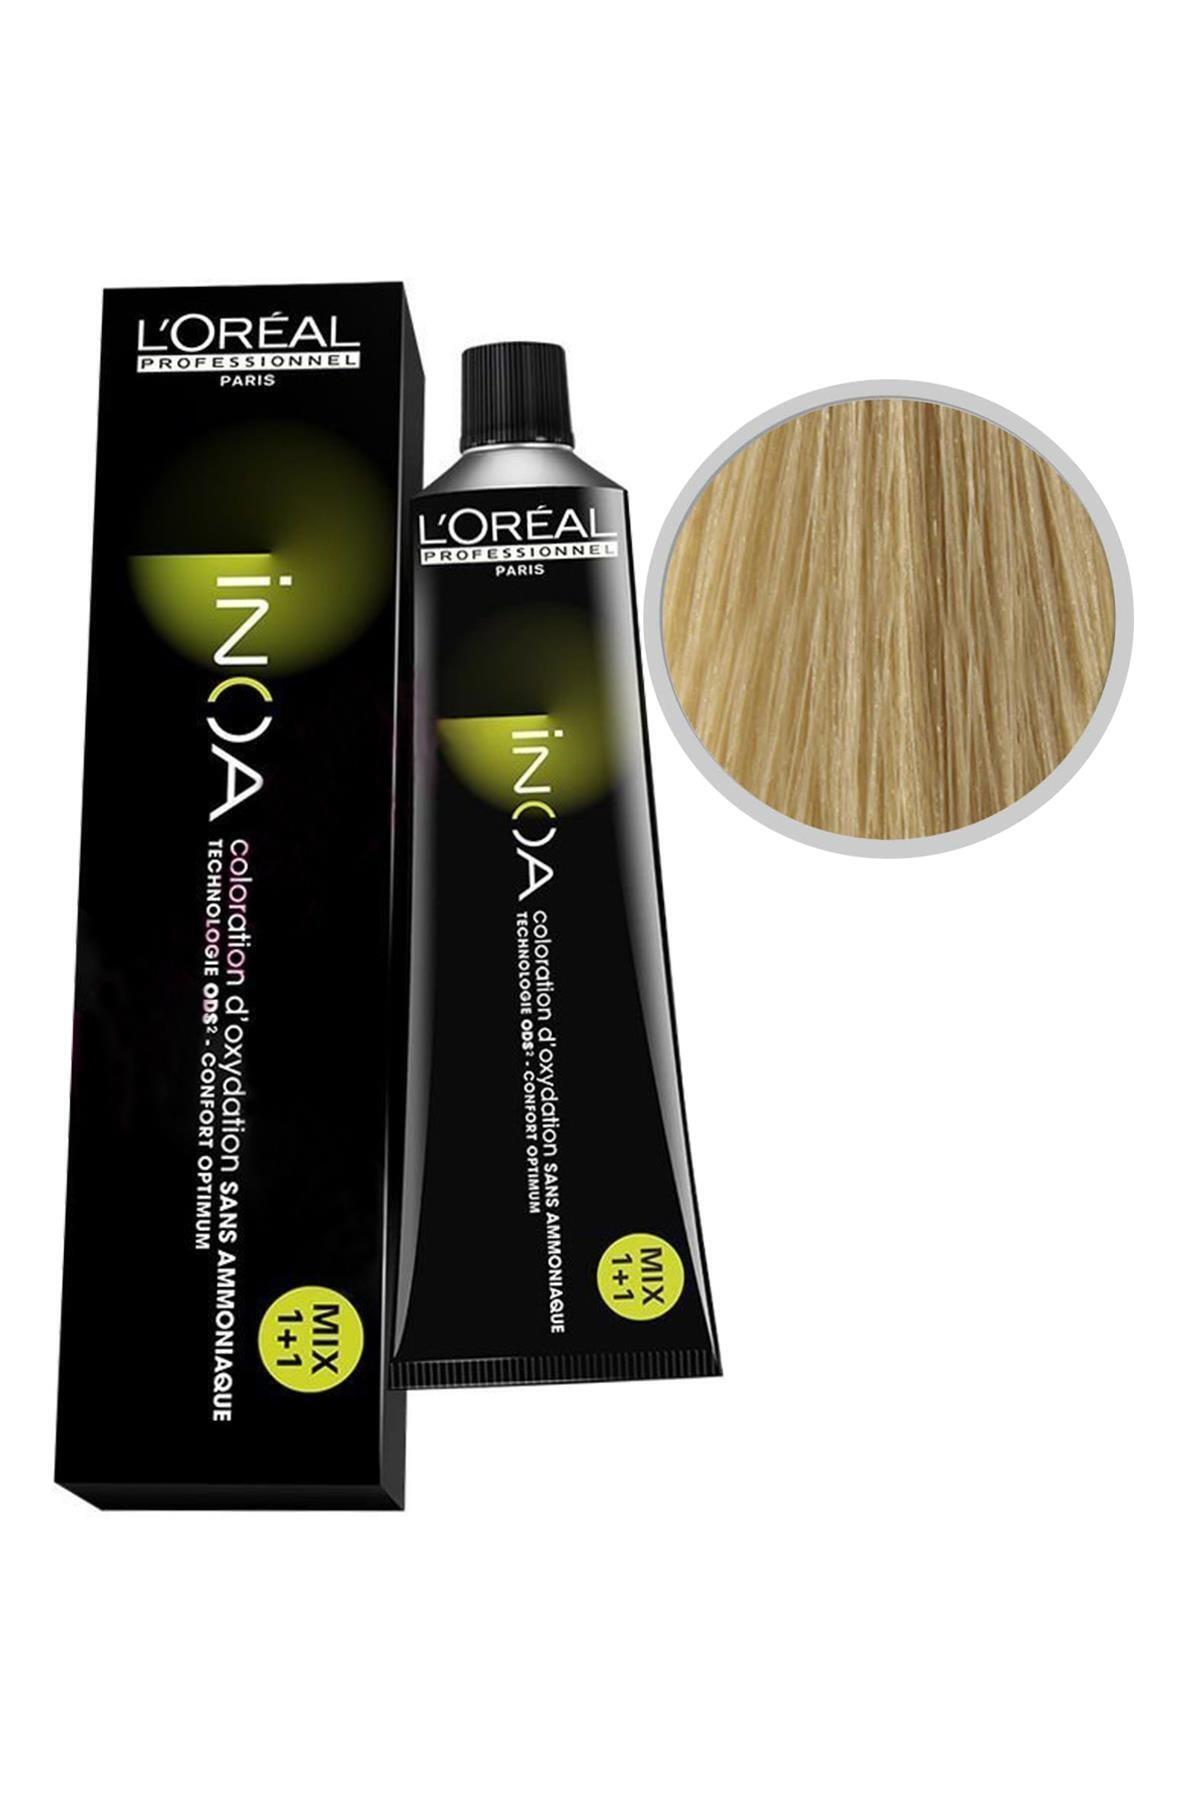 L'oreal Professionnel Saç Boyası 9 Sarı 3474630416833 (Oksidansız) 1